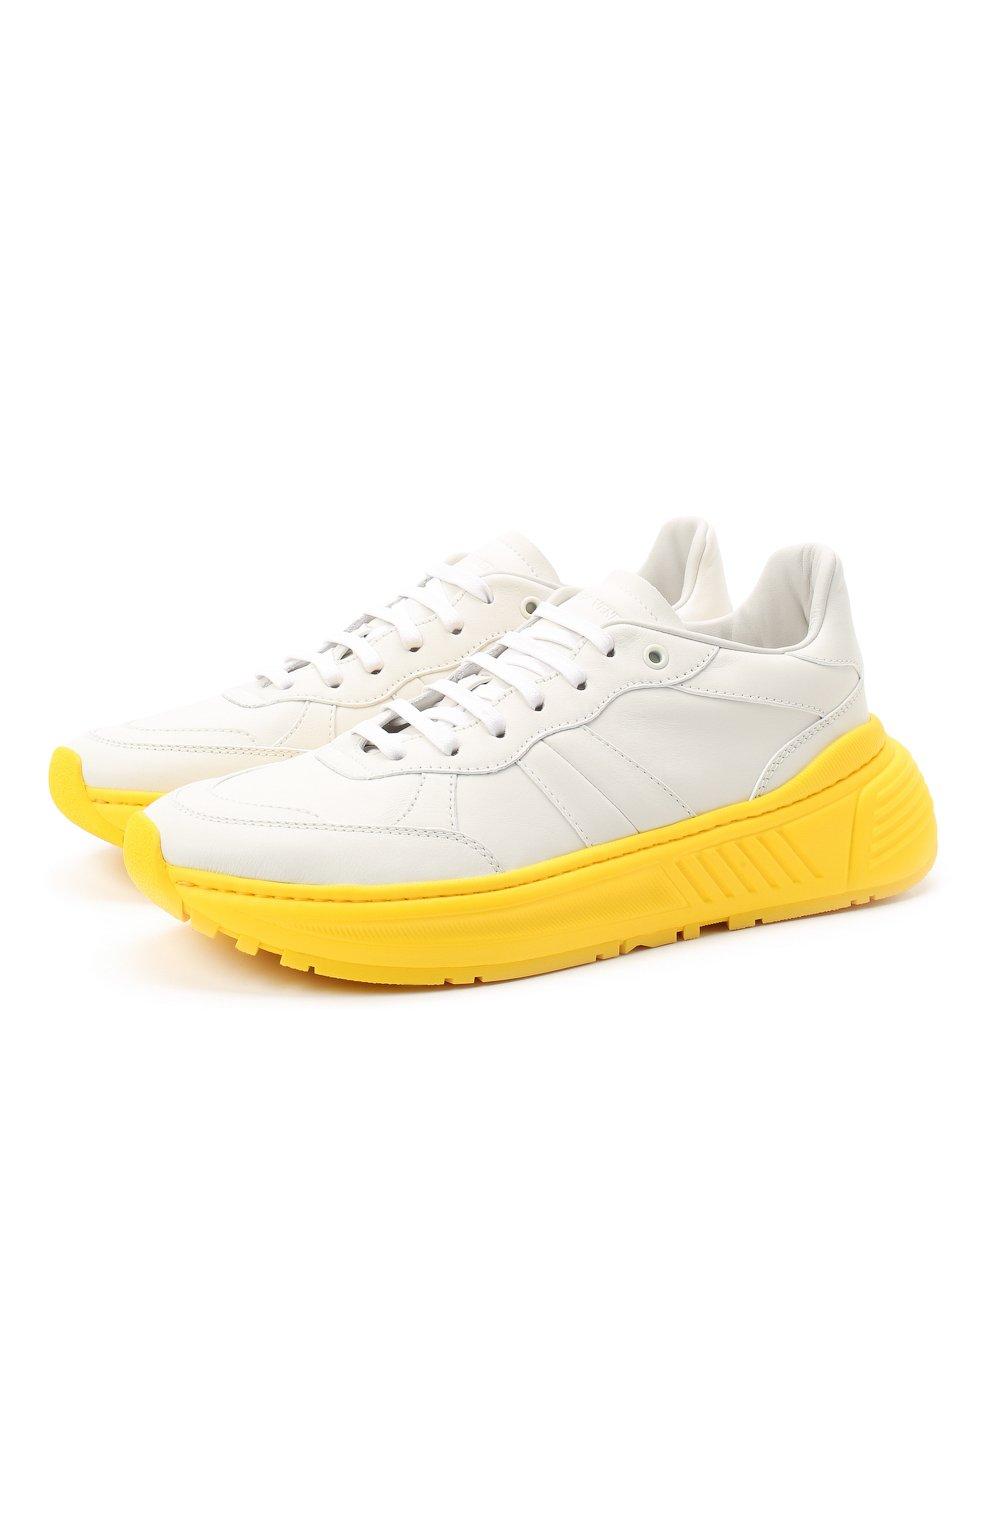 Мужские кожаные кроссовки BOTTEGA VENETA желтого цвета, арт. 565646/VT040 | Фото 1 (Материал внешний: Кожа; Материал внутренний: Натуральная кожа; Стили: Гранж; Подошва: Массивная)